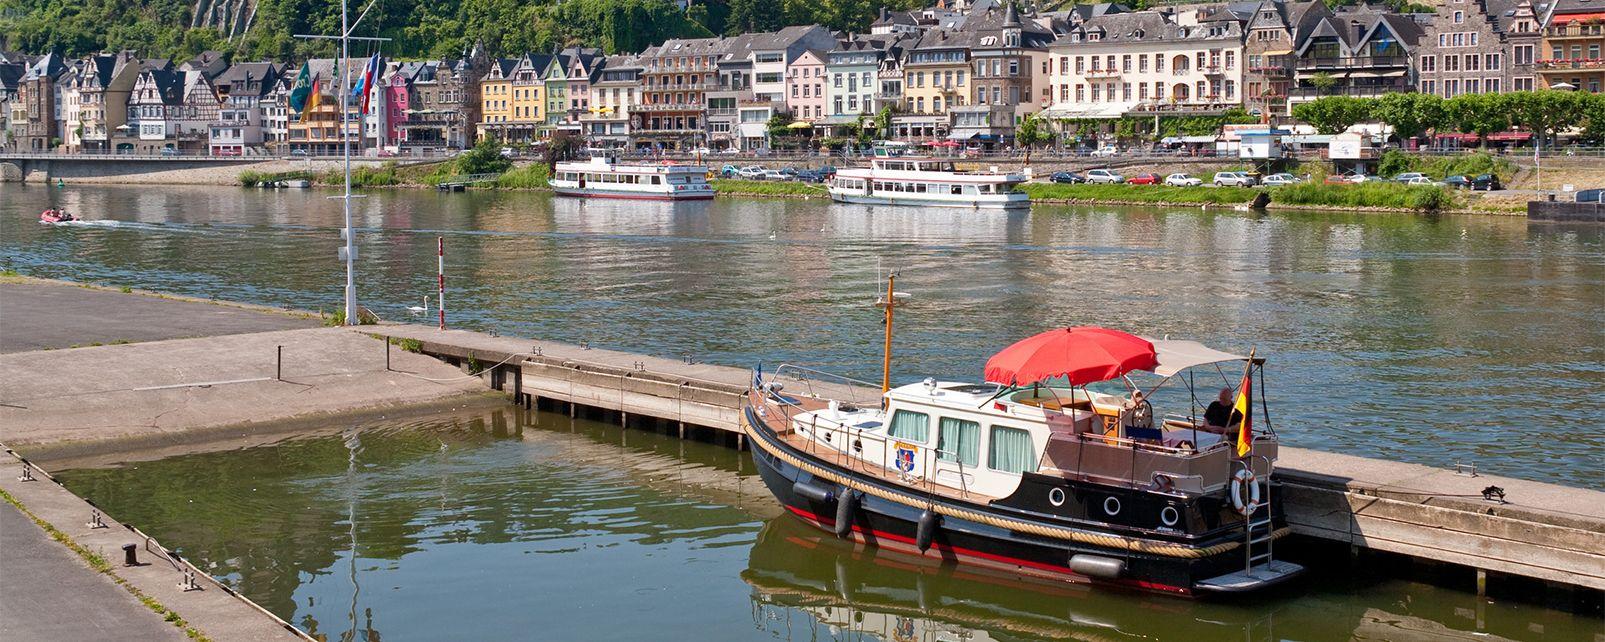 Balade sur l'eau dans la Meuse , France